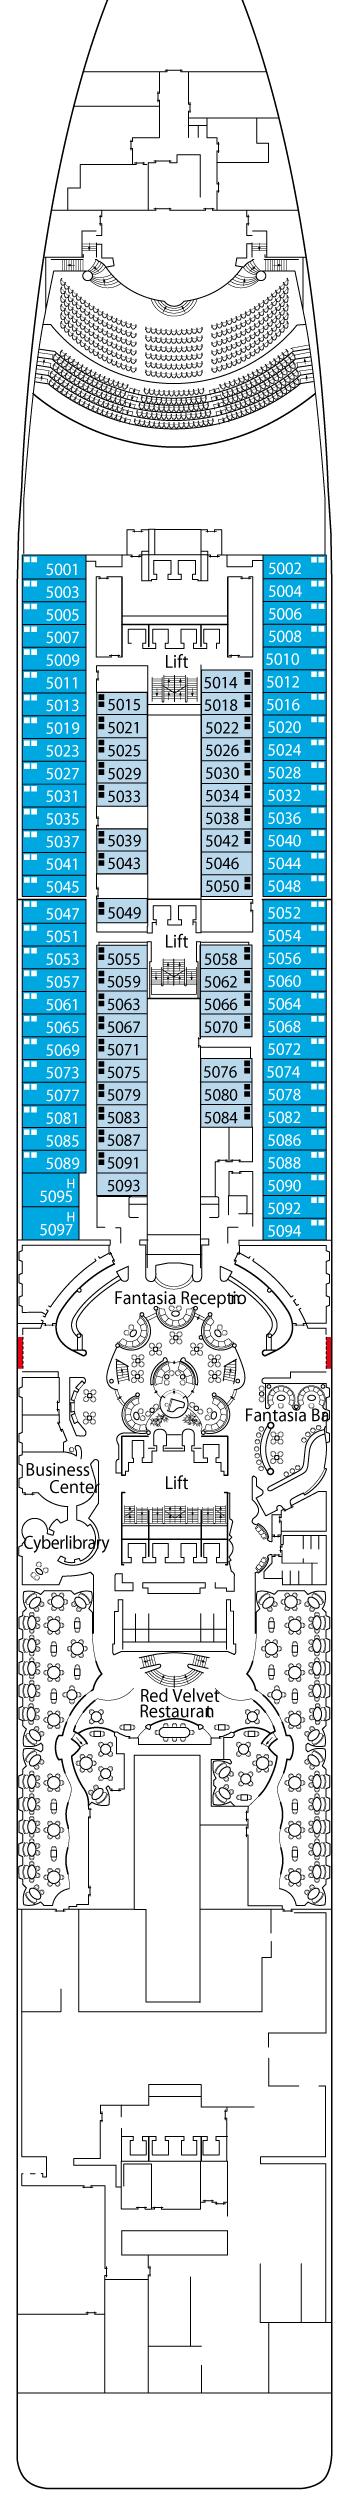 MSC Fantasia - Fantasia